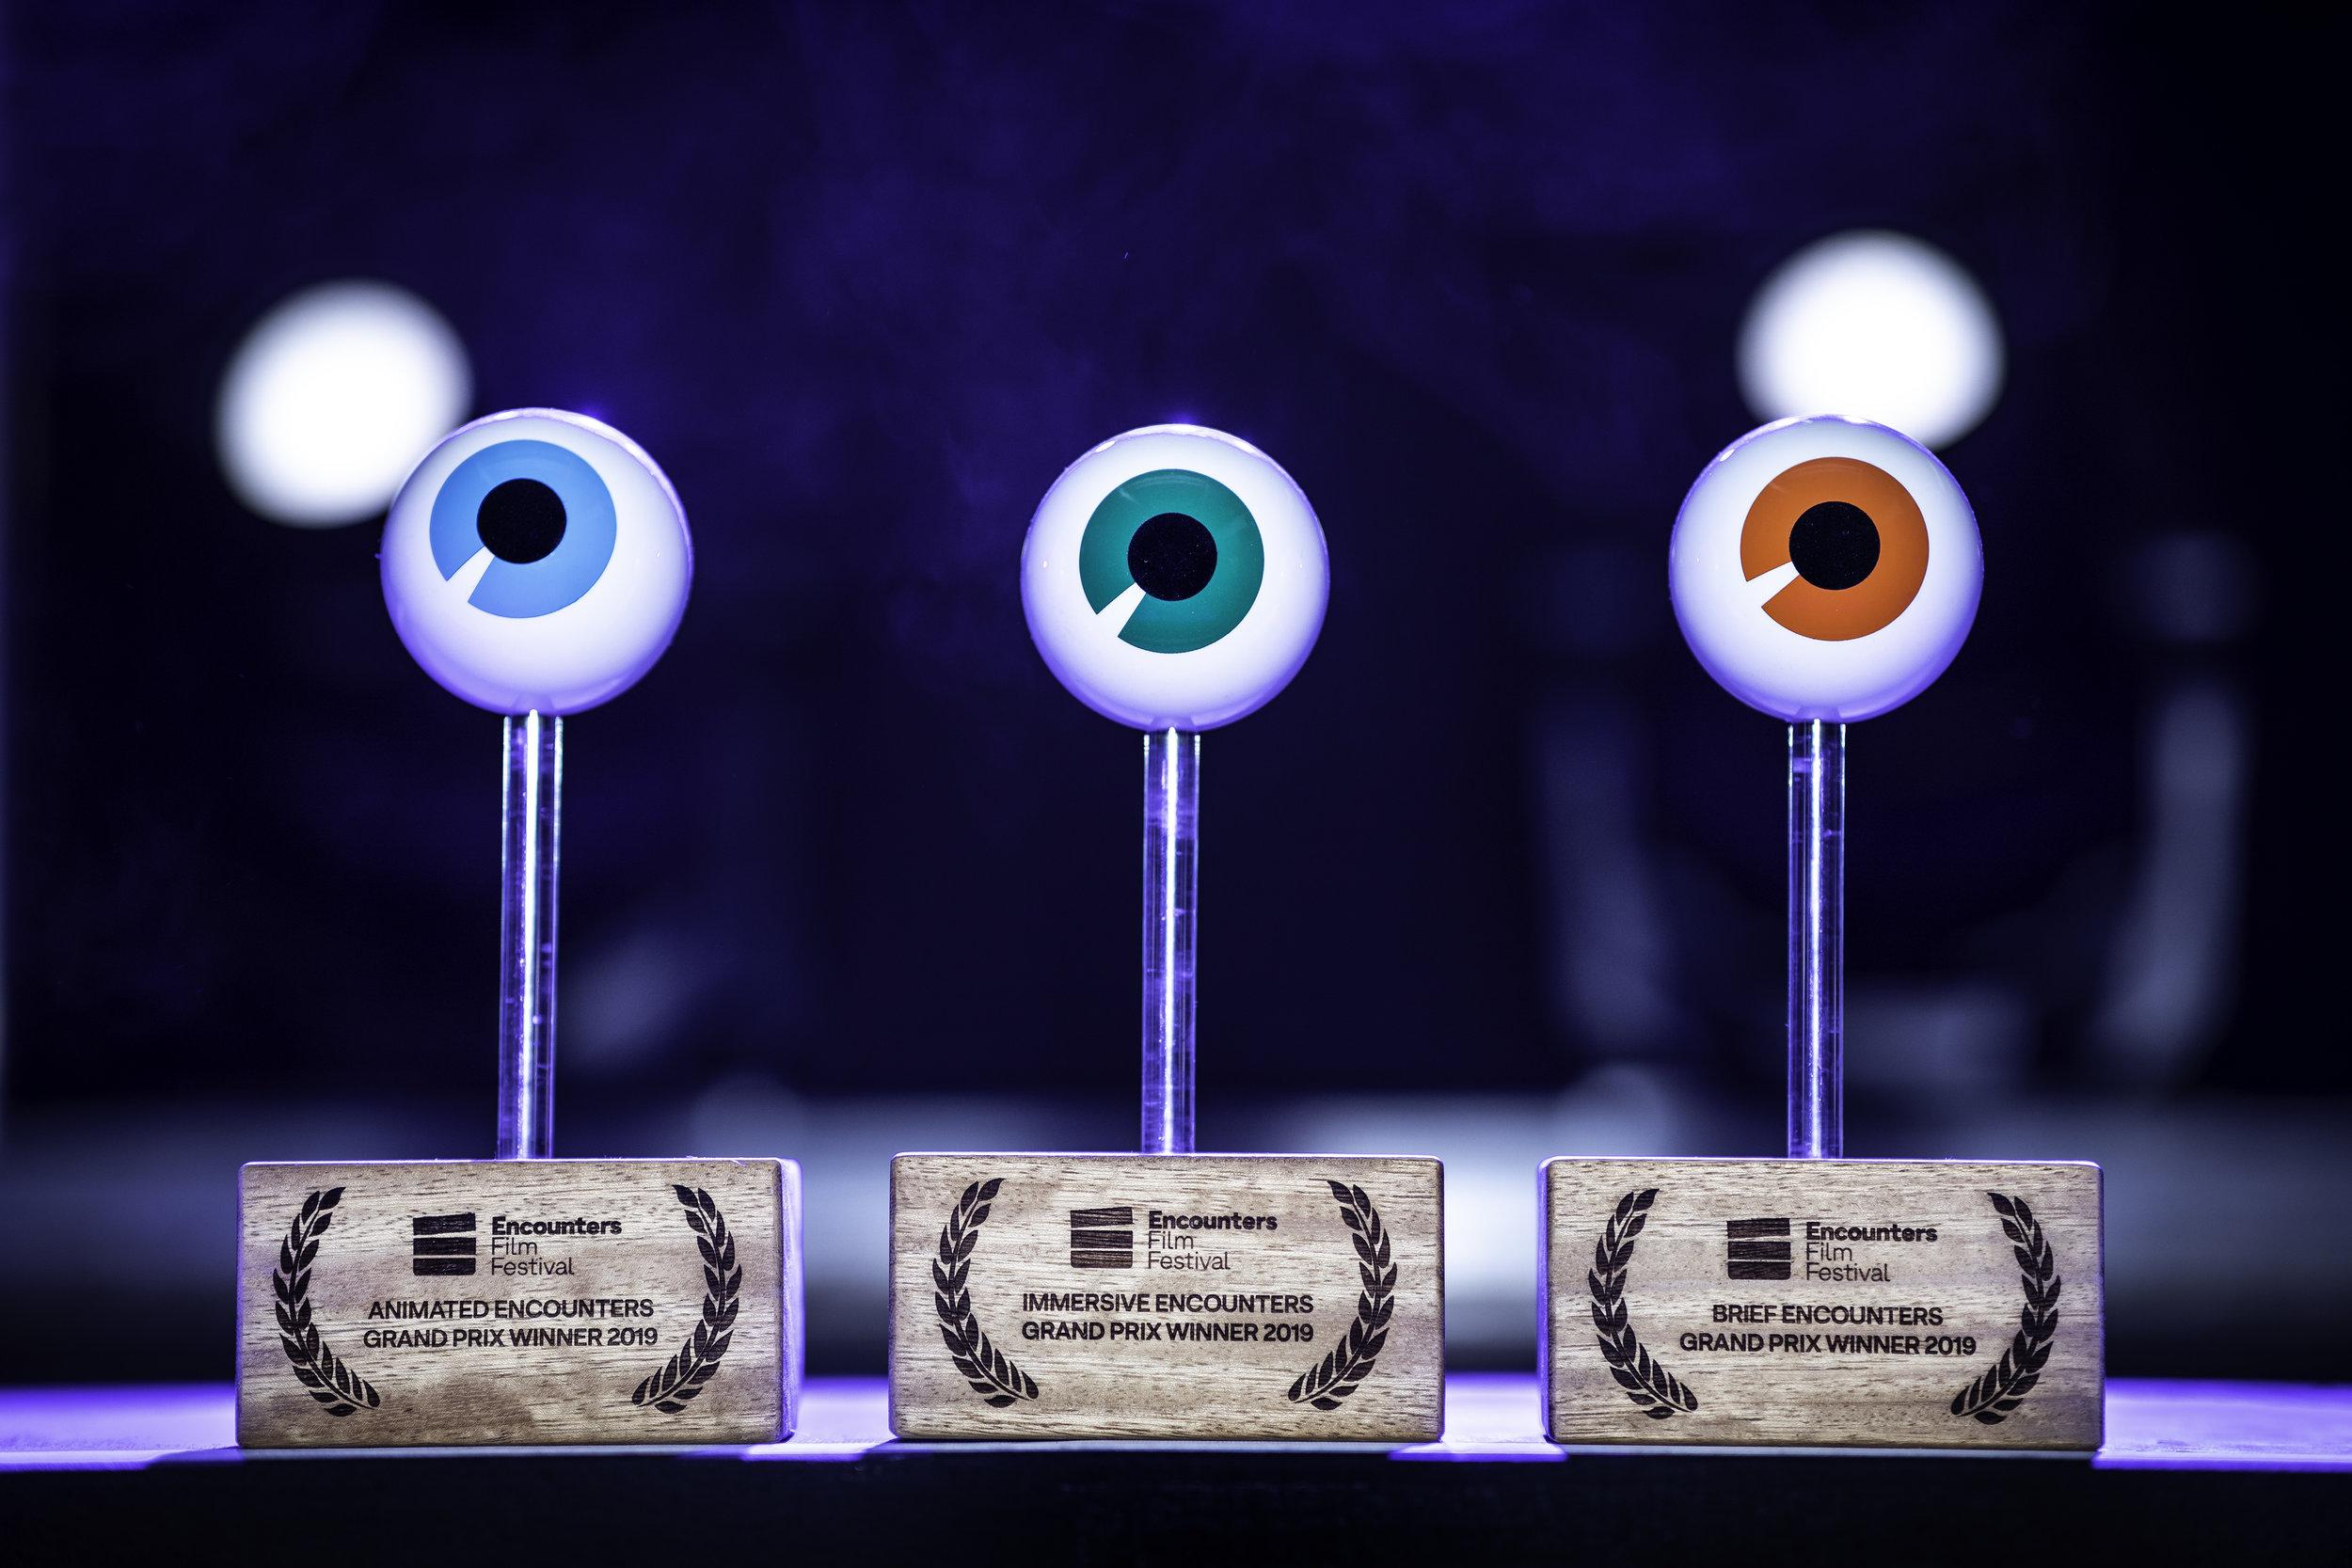 ENCOUNTERS FILM FESTIVAL 2019 AWARD WINNERS